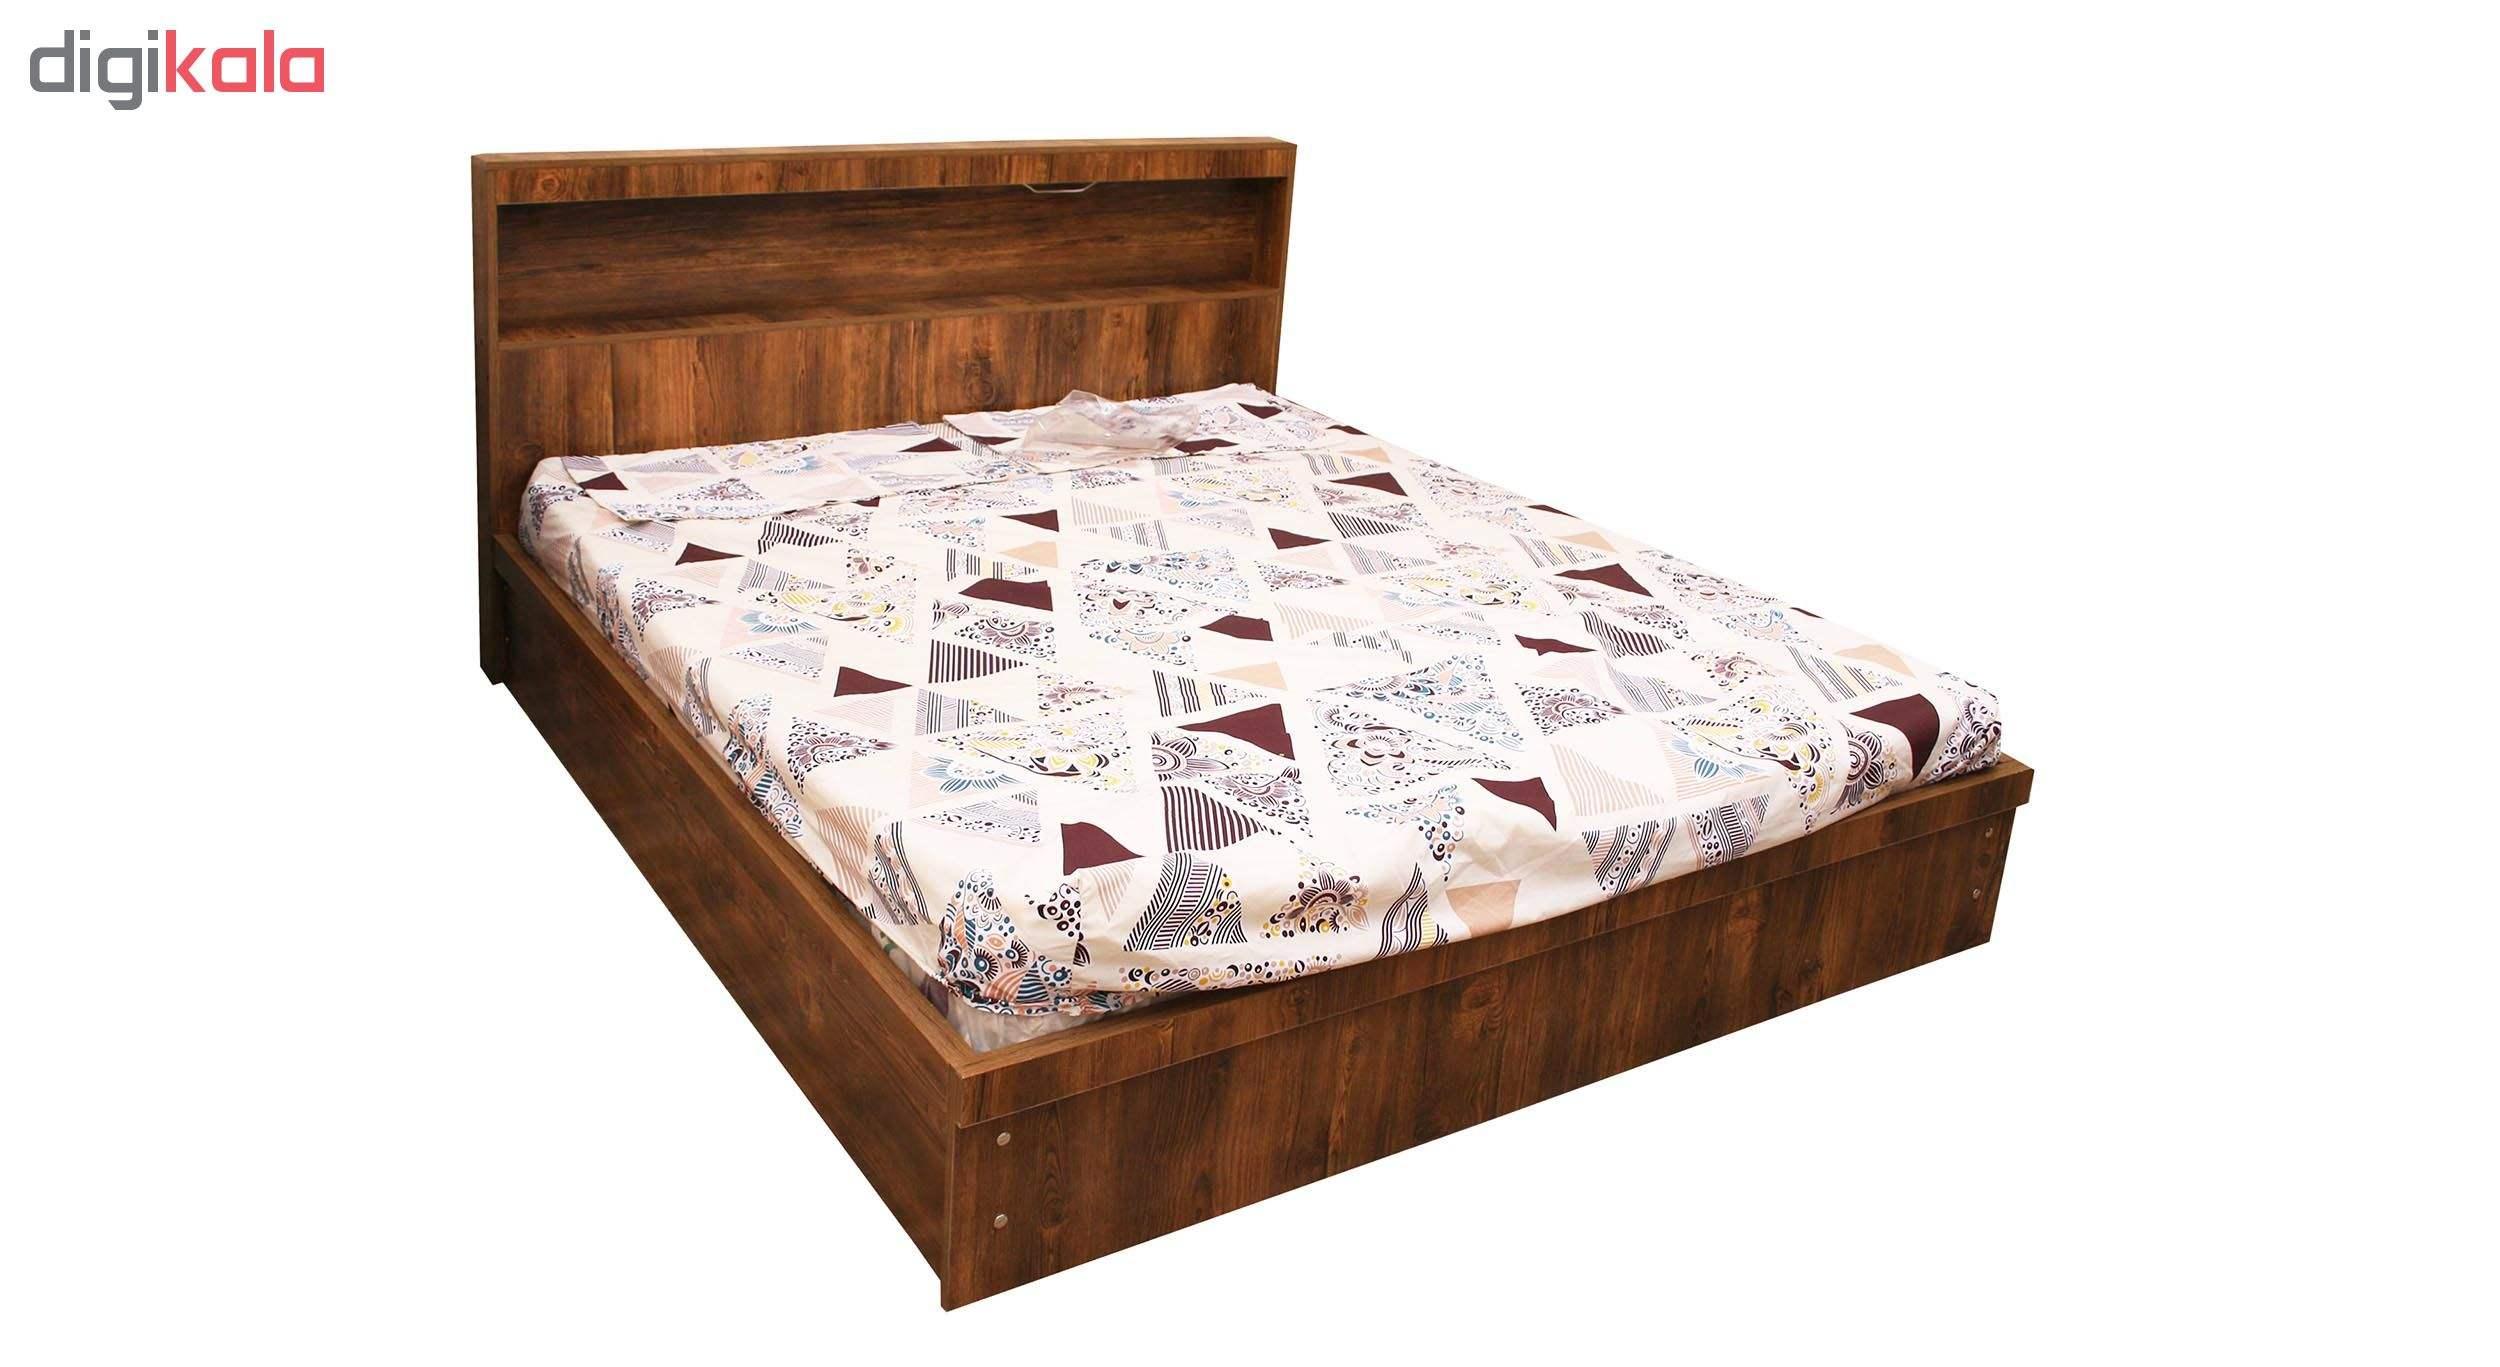 تخت خواب 2 نفره کد MD012 سایز 160×200 سانتی متر main 1 1